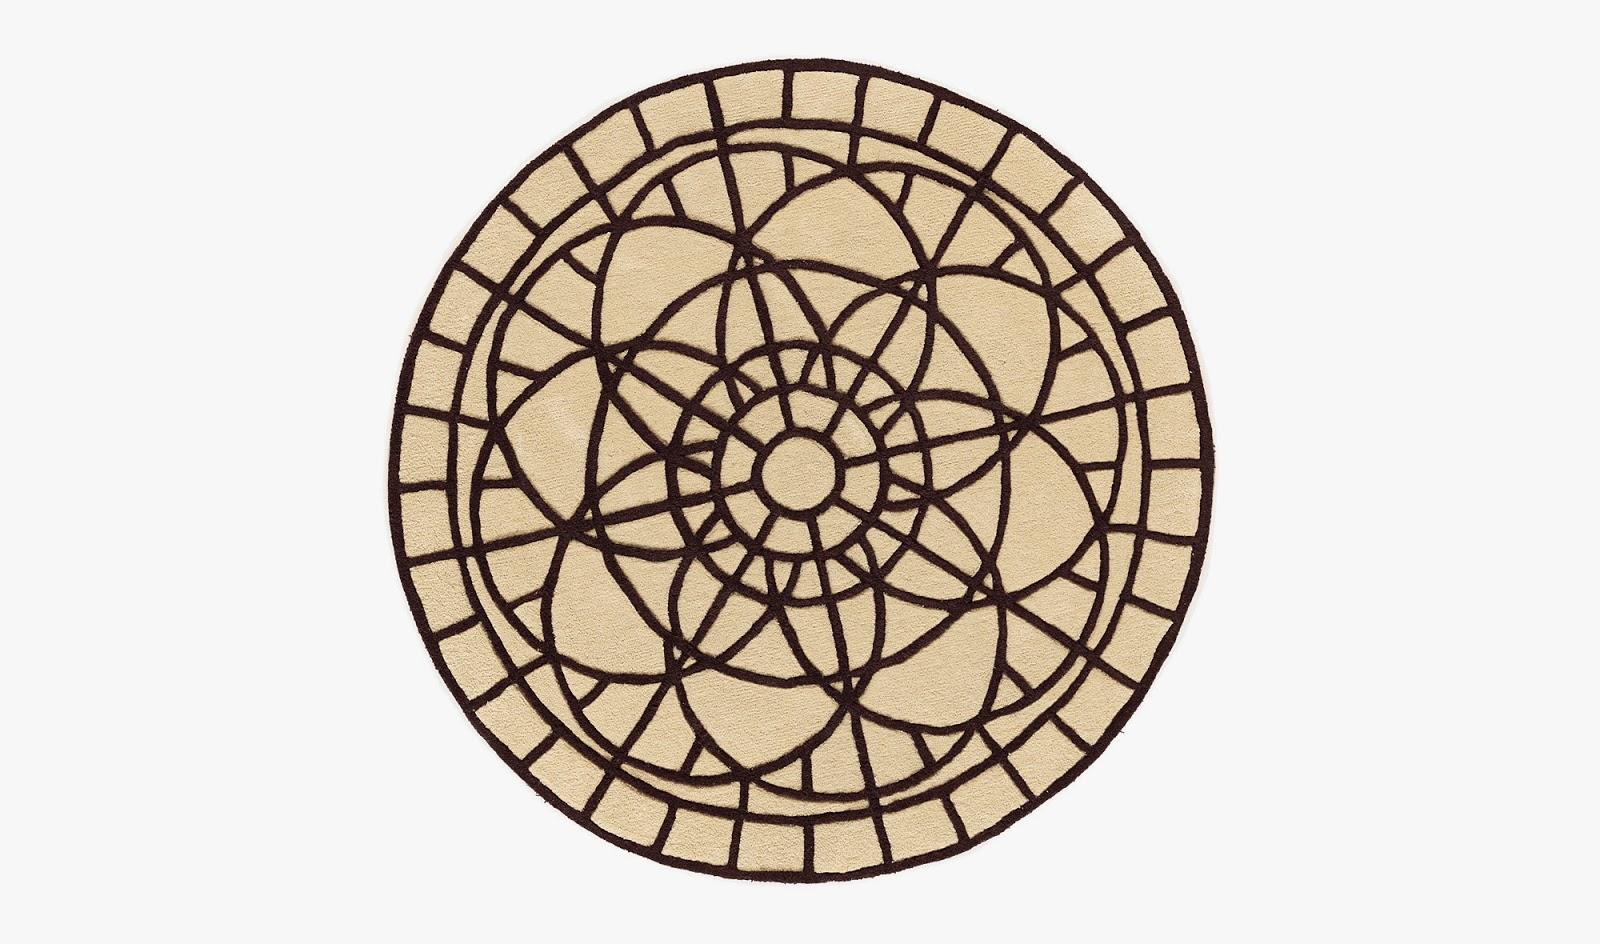 Alfombras para el sal n - Alfombras dibujos geometricos ...